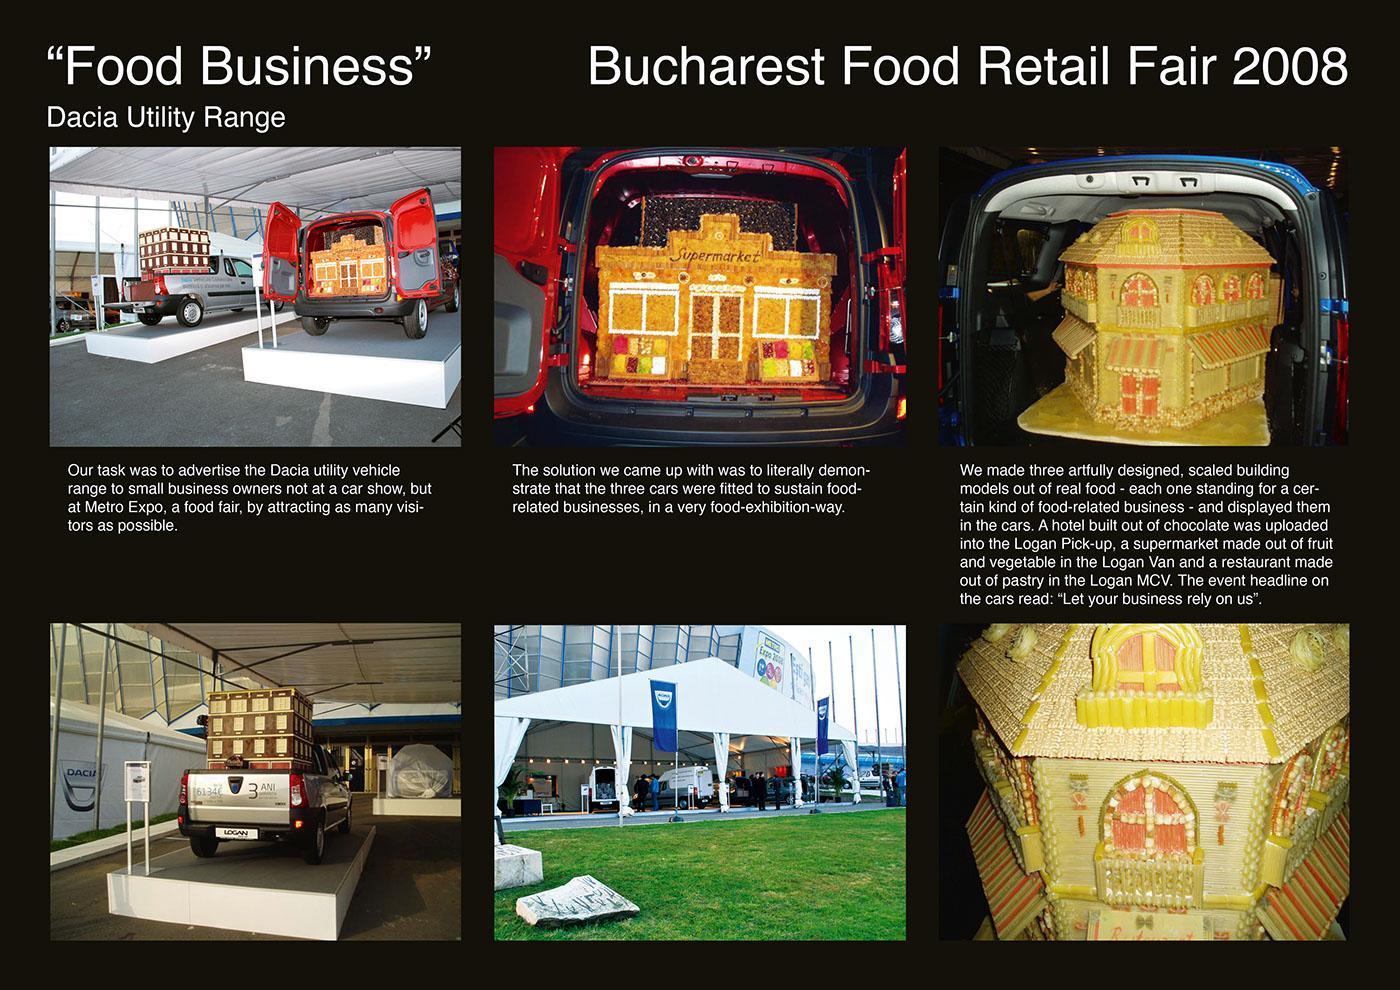 Dacia food fair partnership